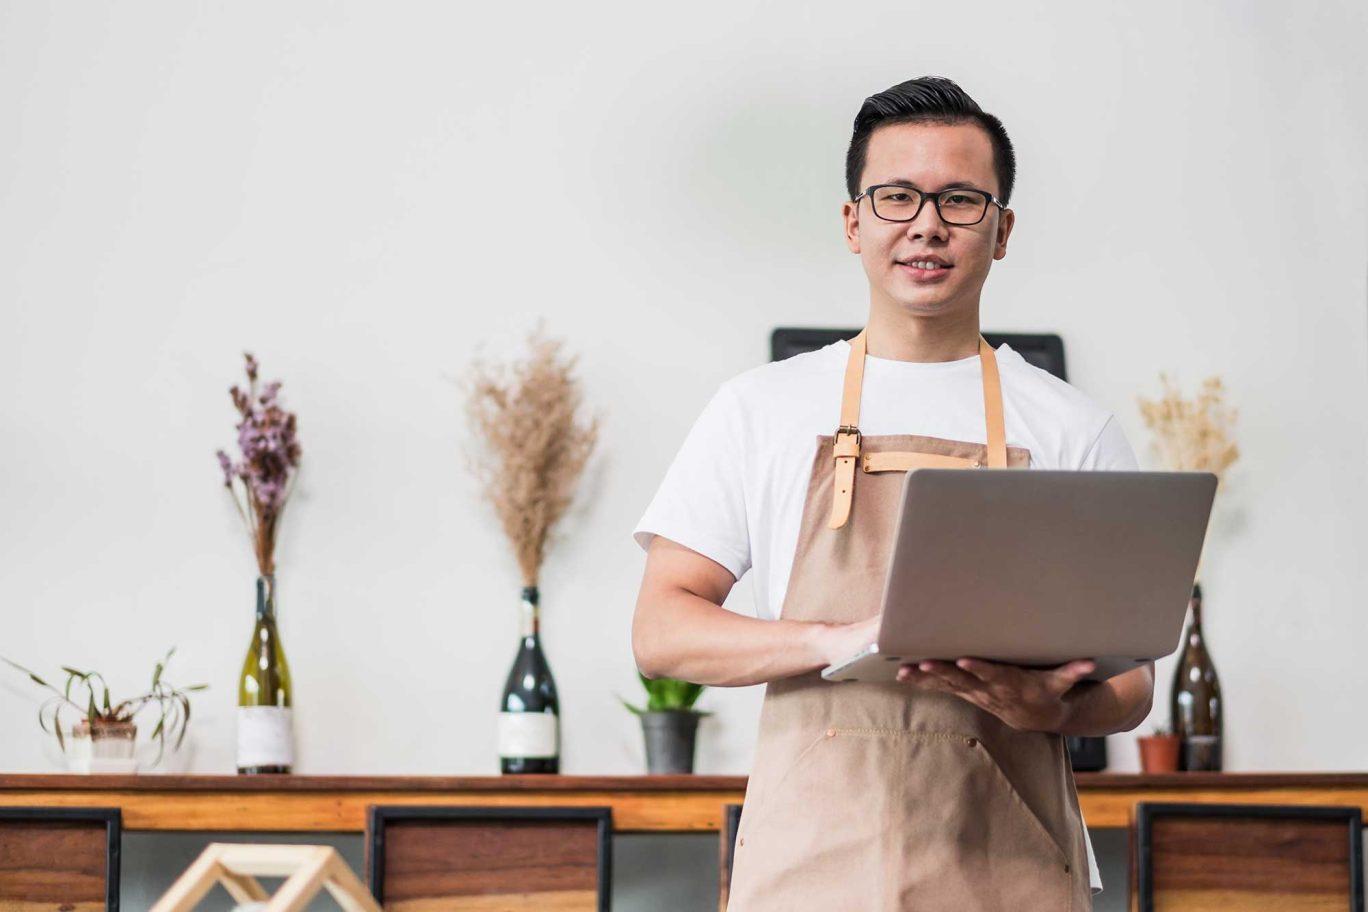 お店の在庫管理まとめ…在庫回転率や在庫にかかる税金を解説